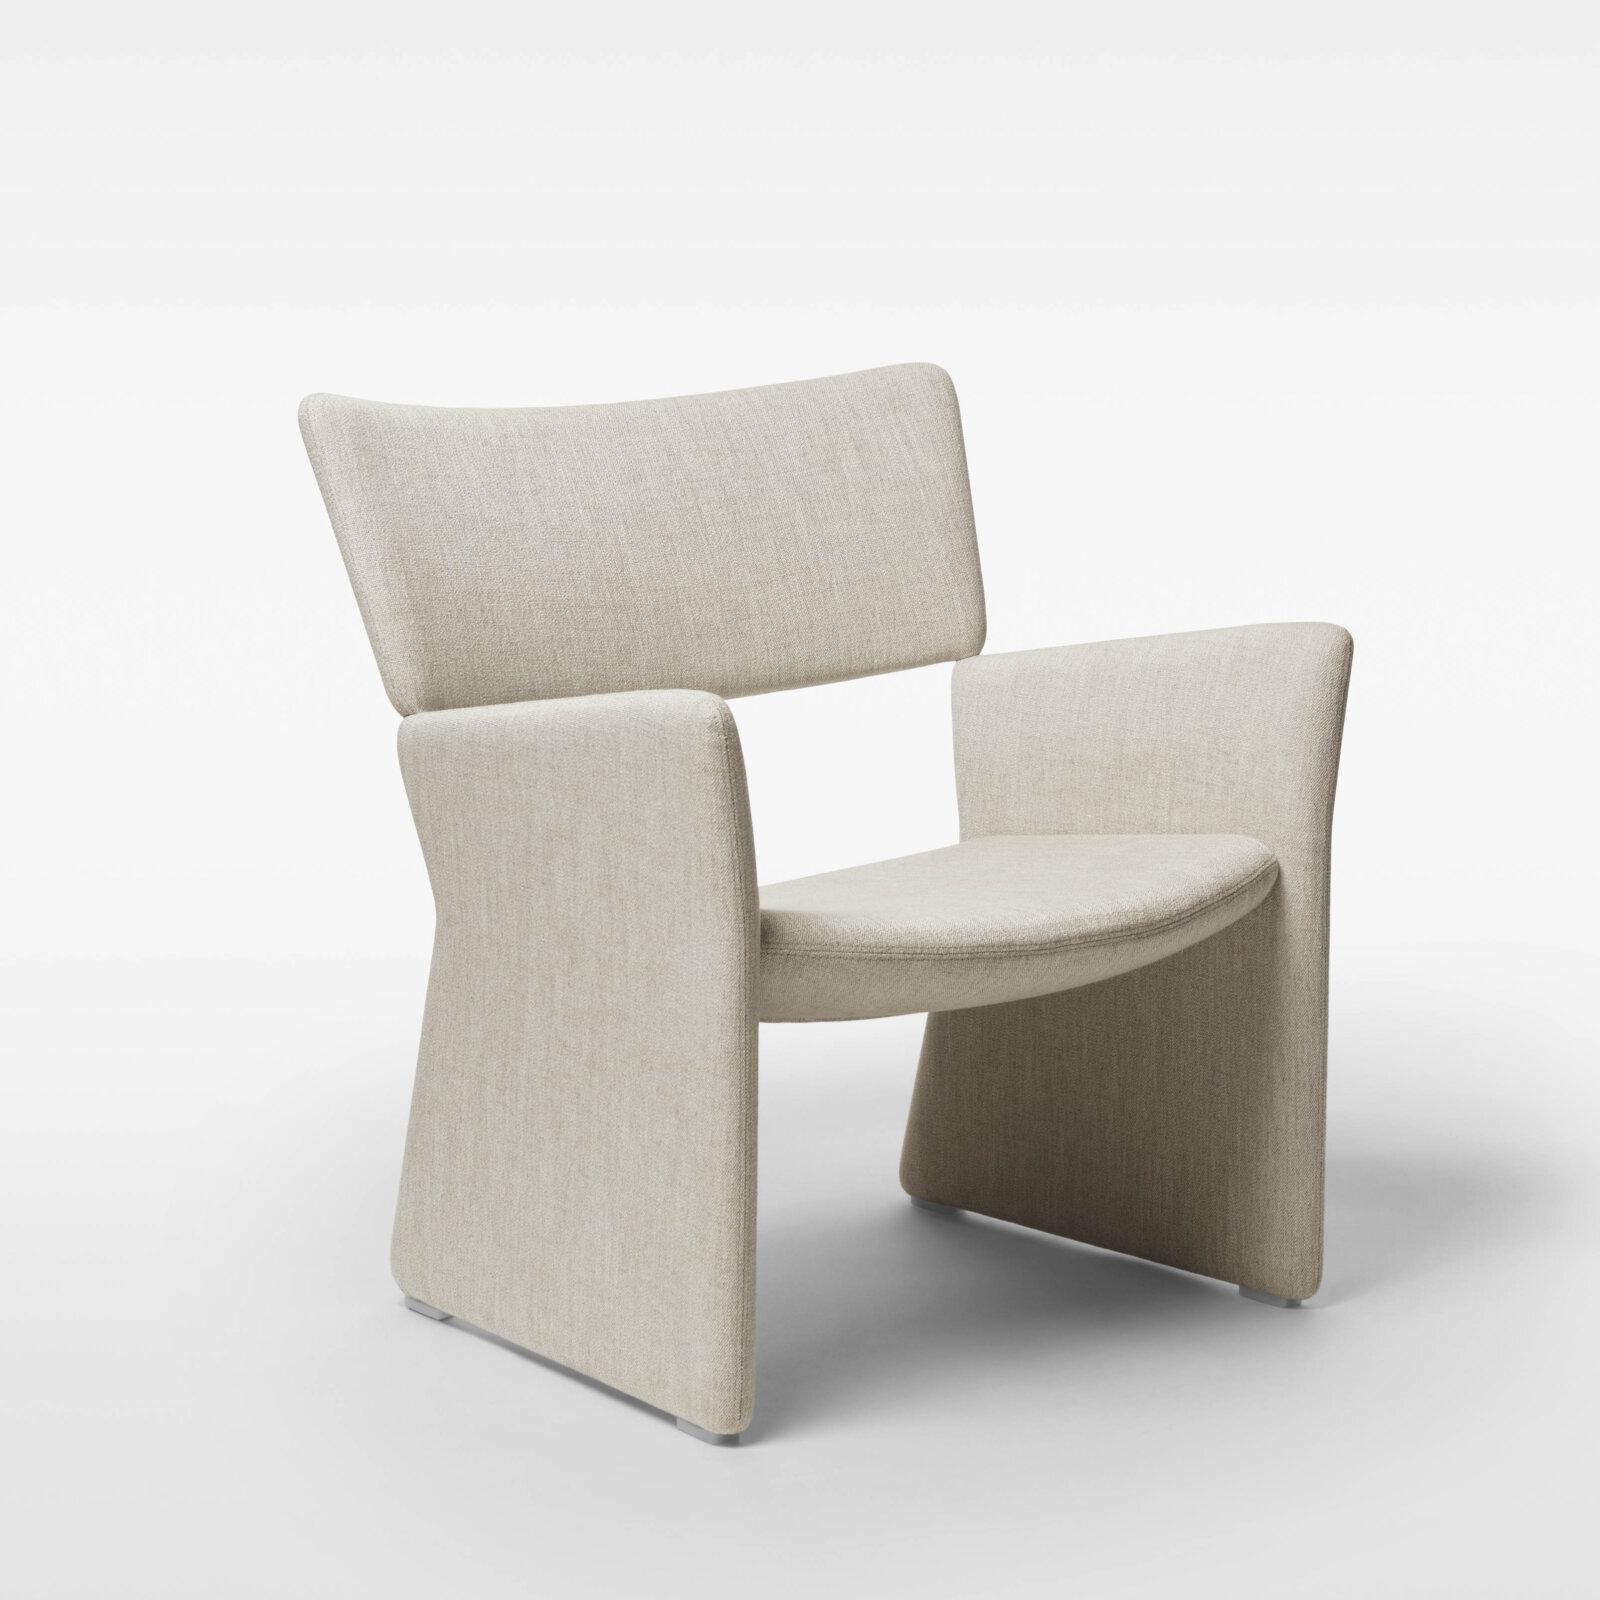 TinnappleMetz-massproductions-crown-armchair_05